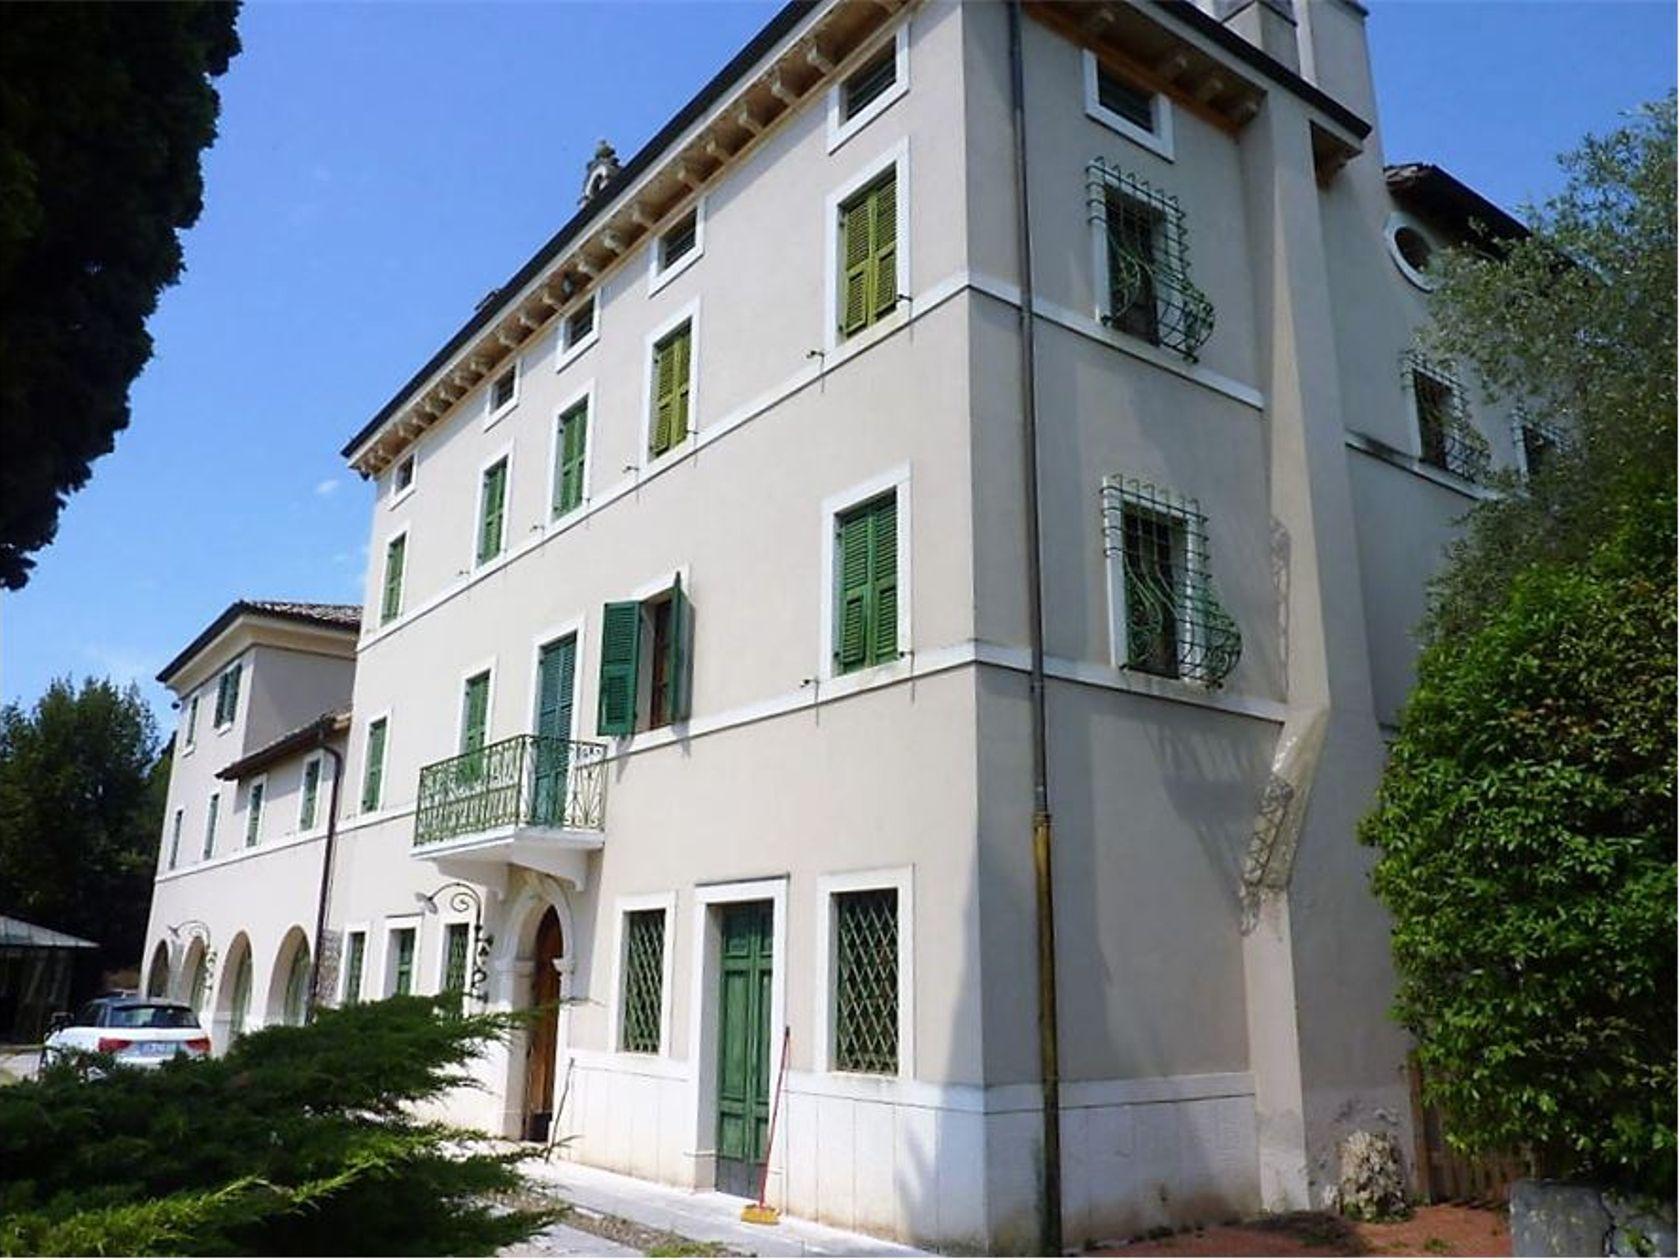 Casa Indipendente Valdonega, Verona, VR Vendita - Foto 3